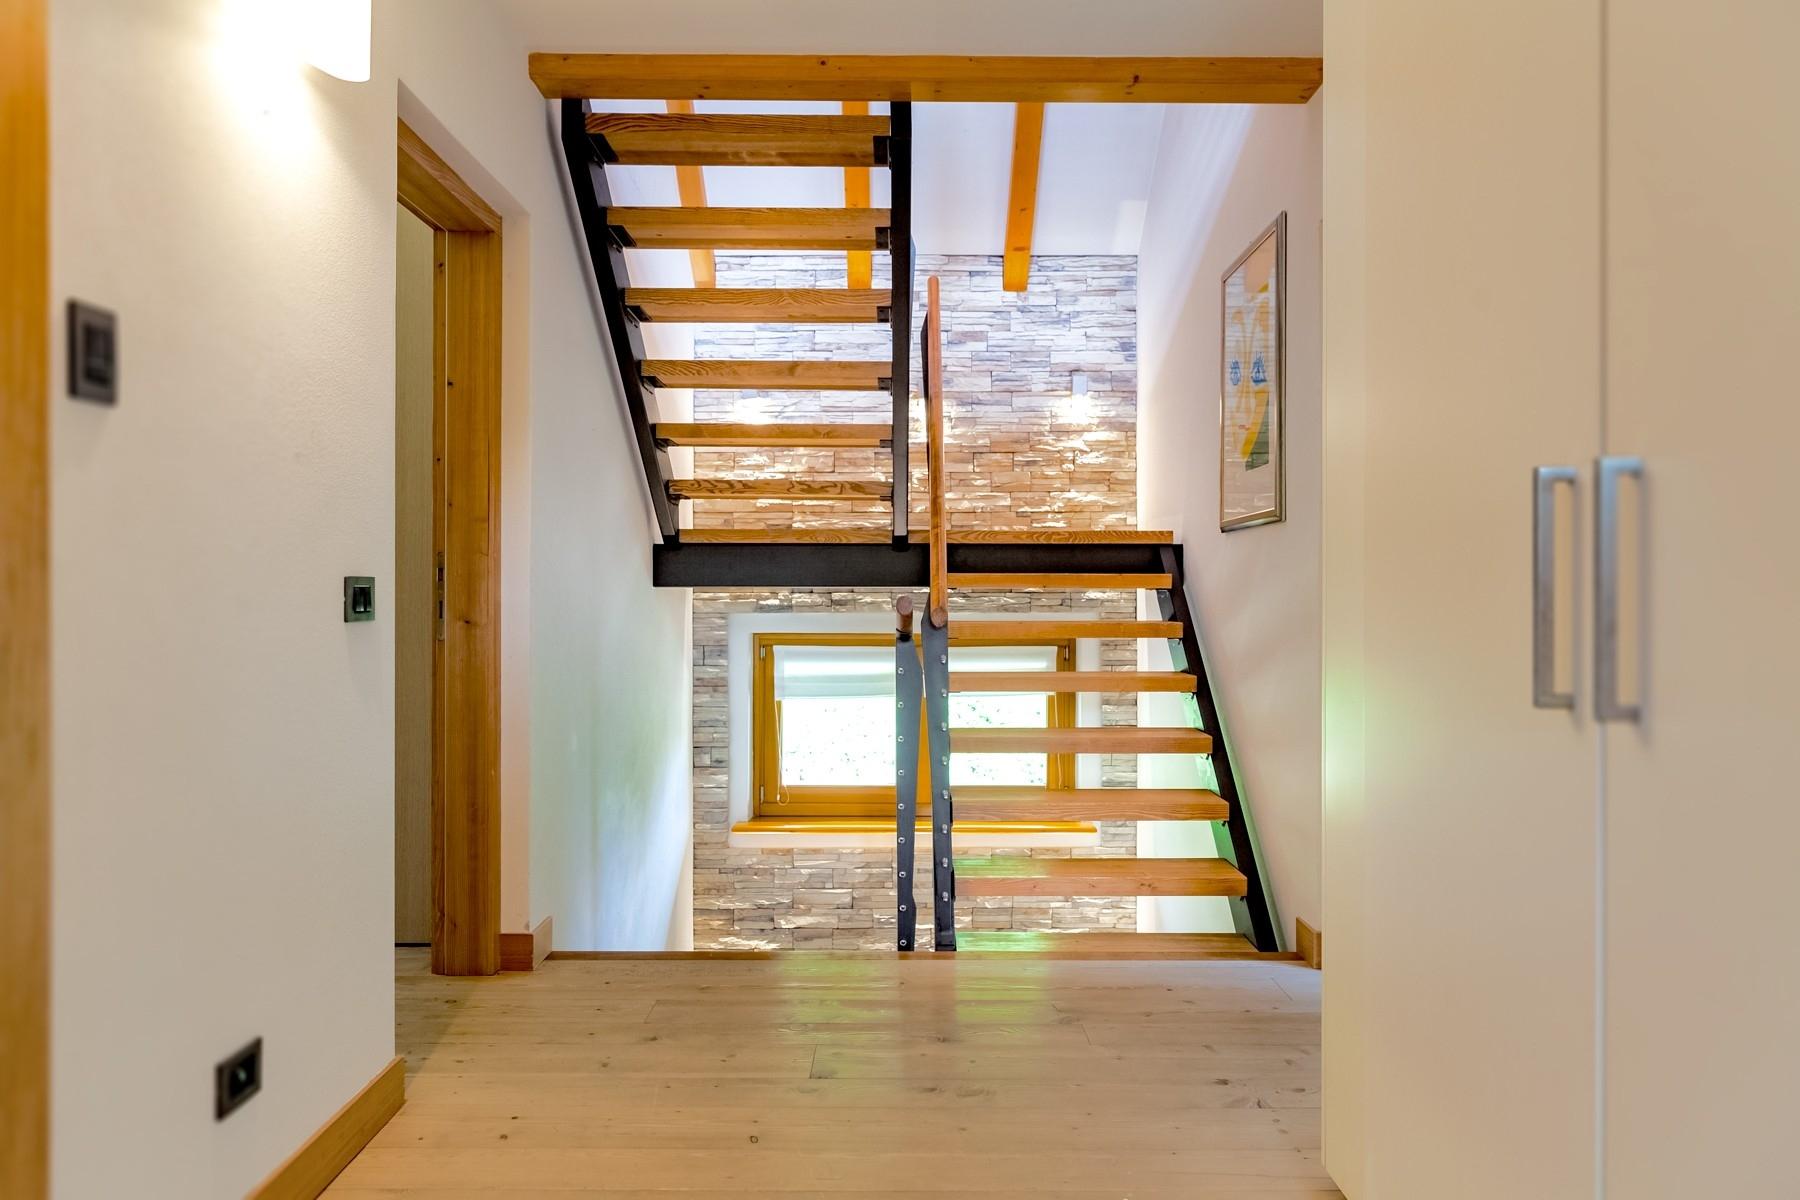 Casa indipendente in Vendita a Tarvisio: 5 locali, 300 mq - Foto 22